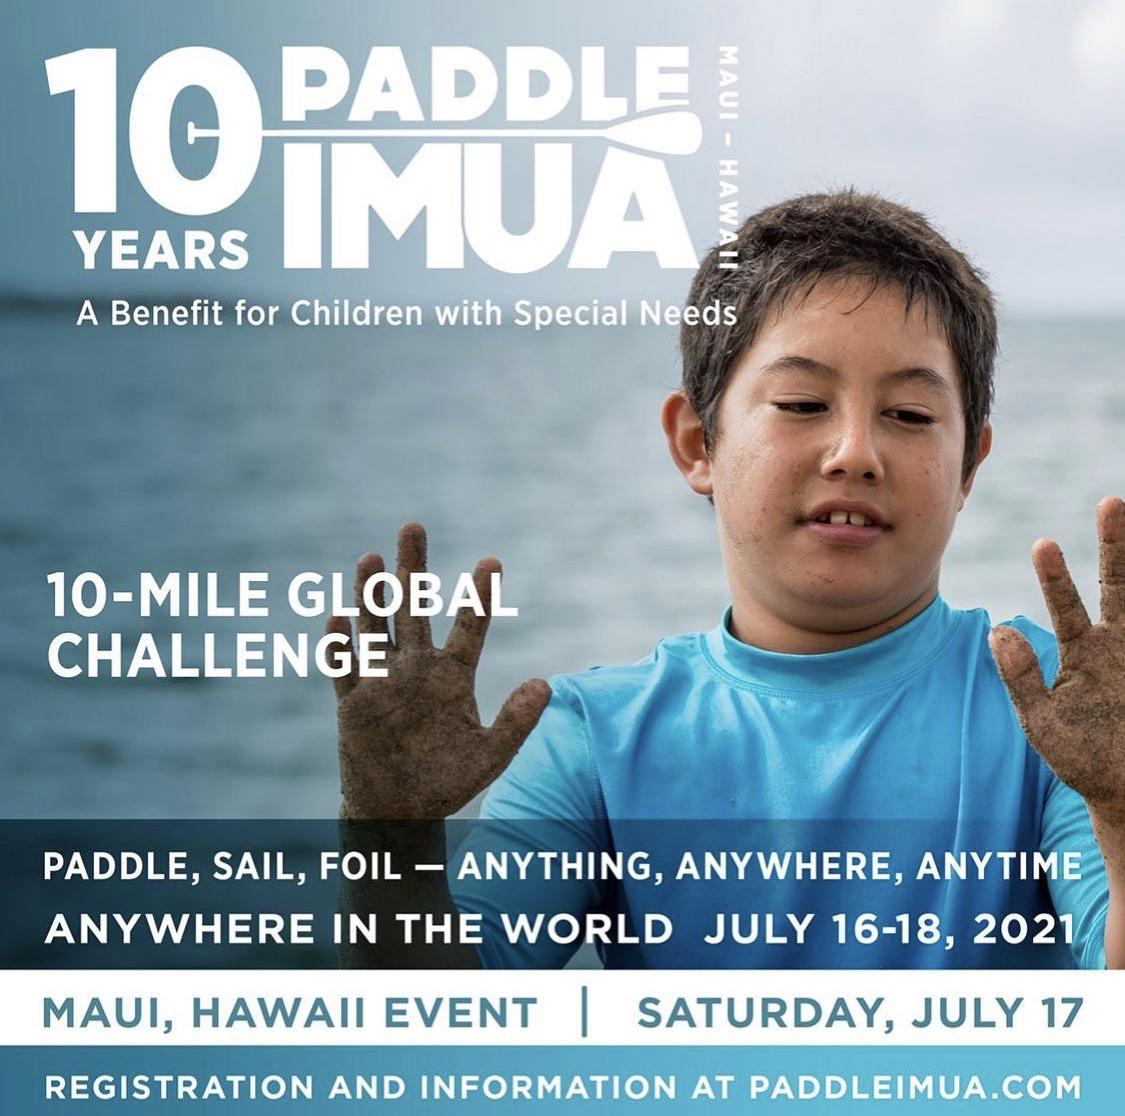 IMG_3406Paddle-IMUA-2021-